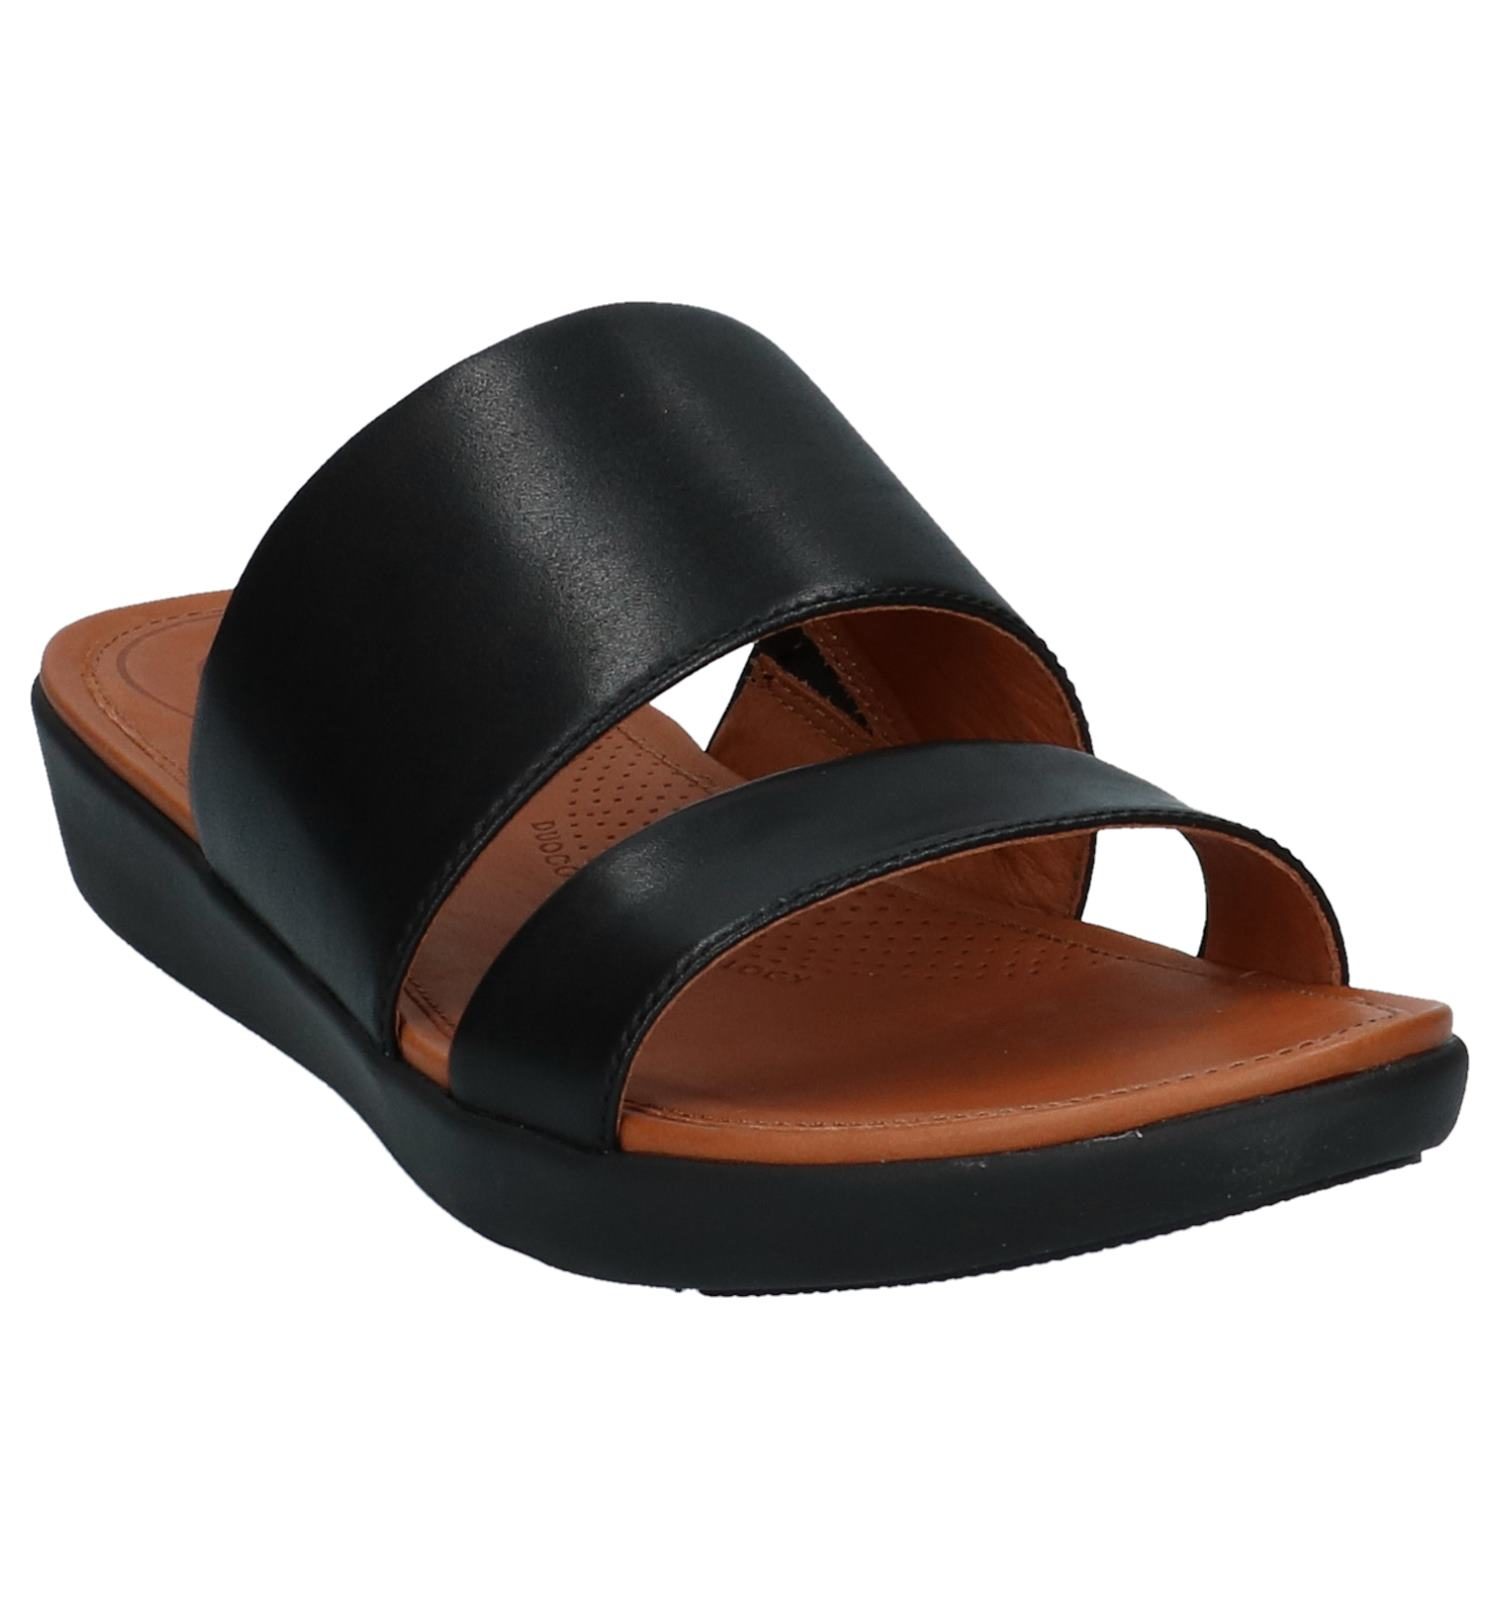 cb1b56a1c57ea FitFlop Delta Slide Sandals Zwart